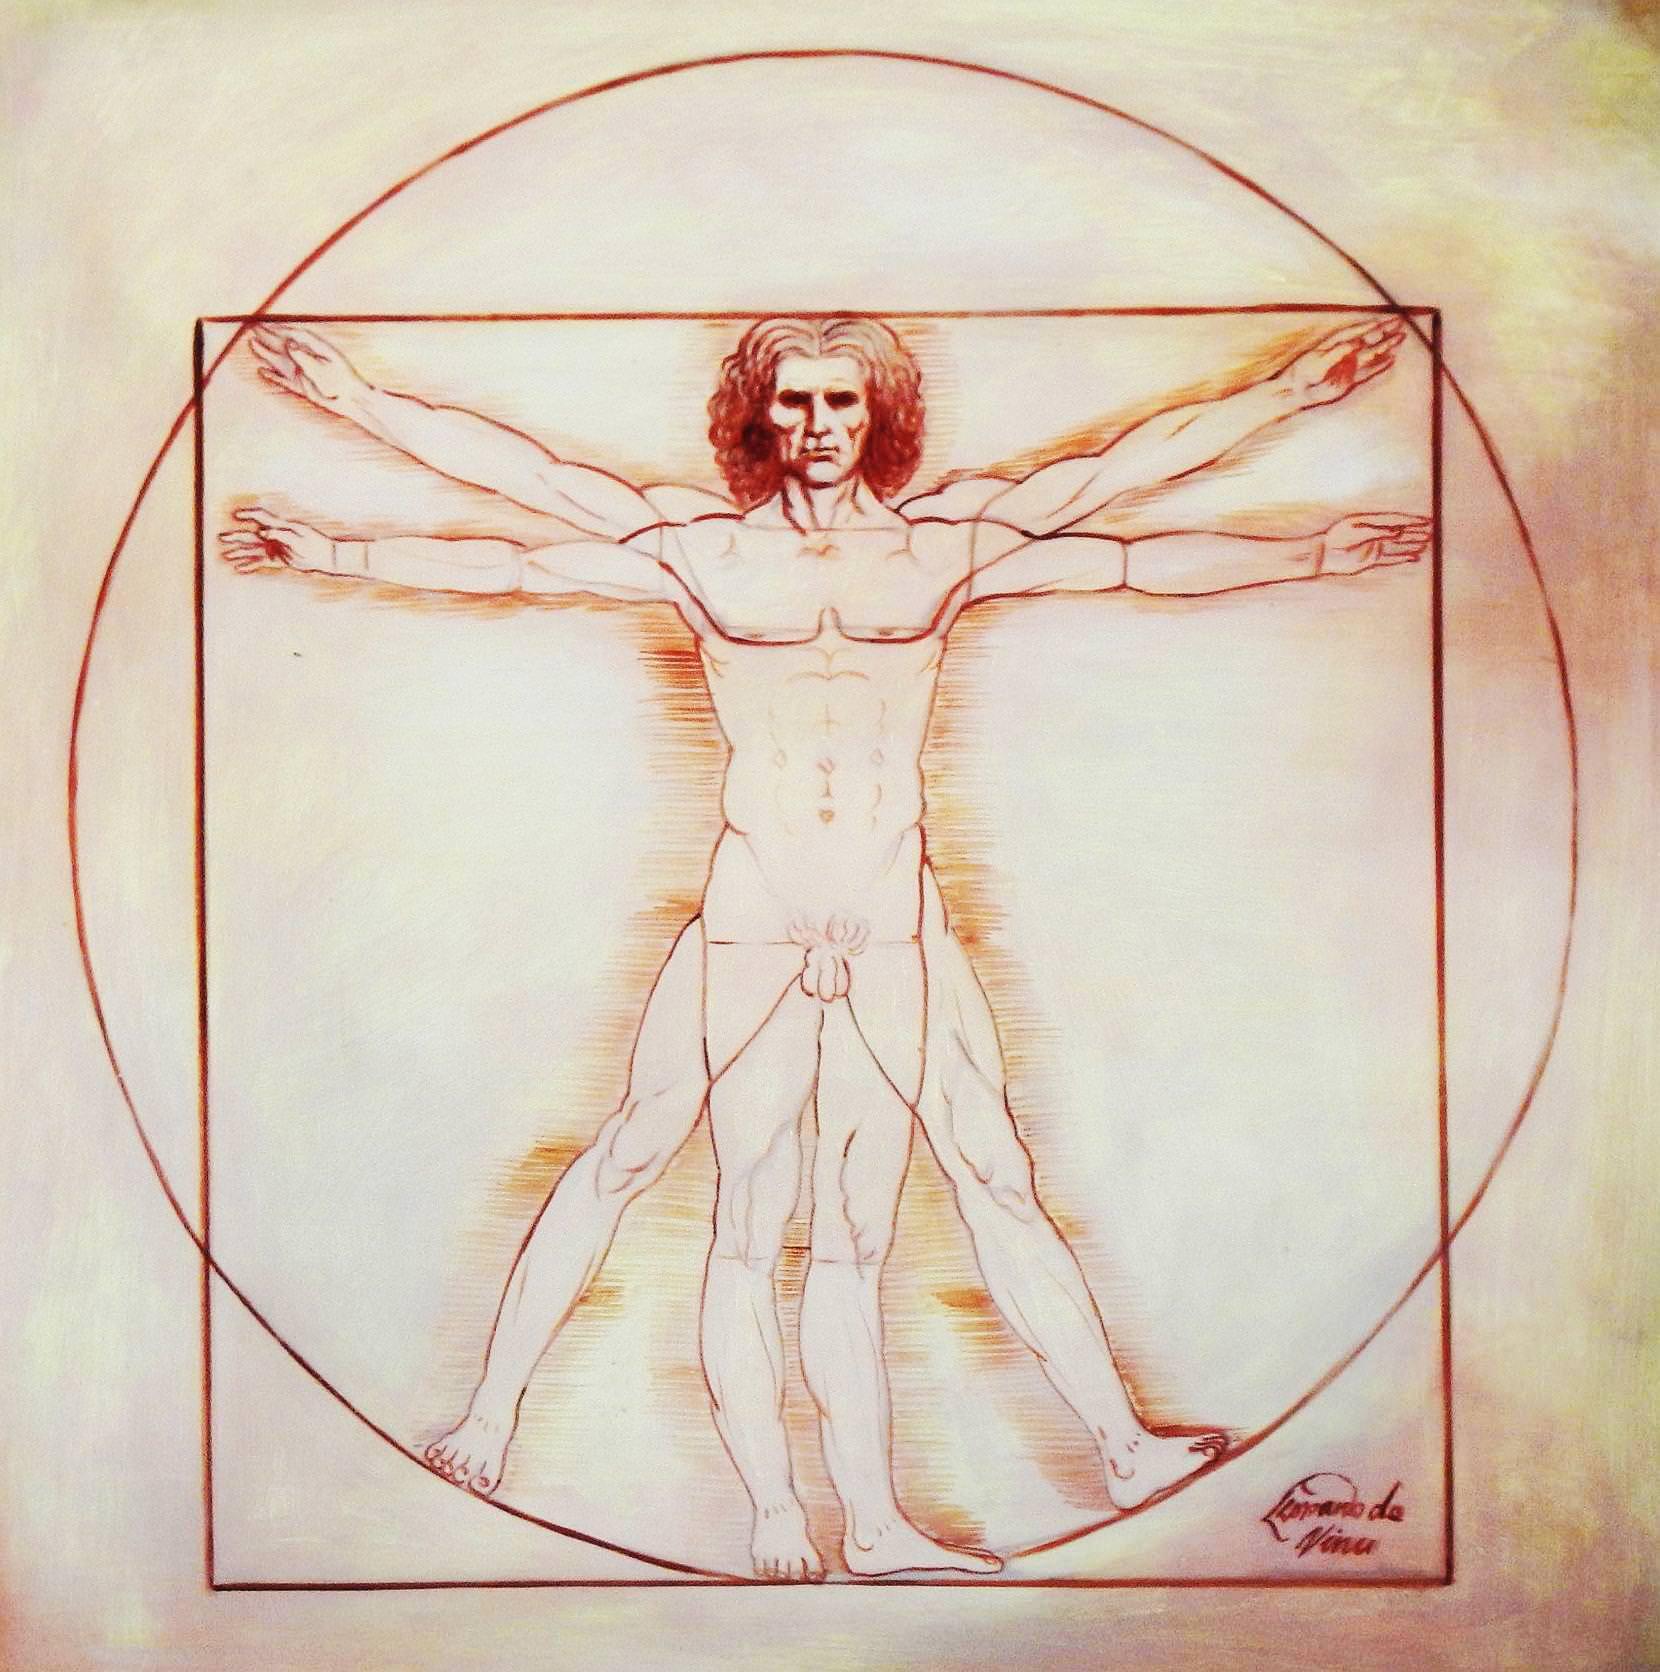 Leonardo da Vinci - Proportionsstudie e93967 60x60cm handgemaltes Ölgemälde